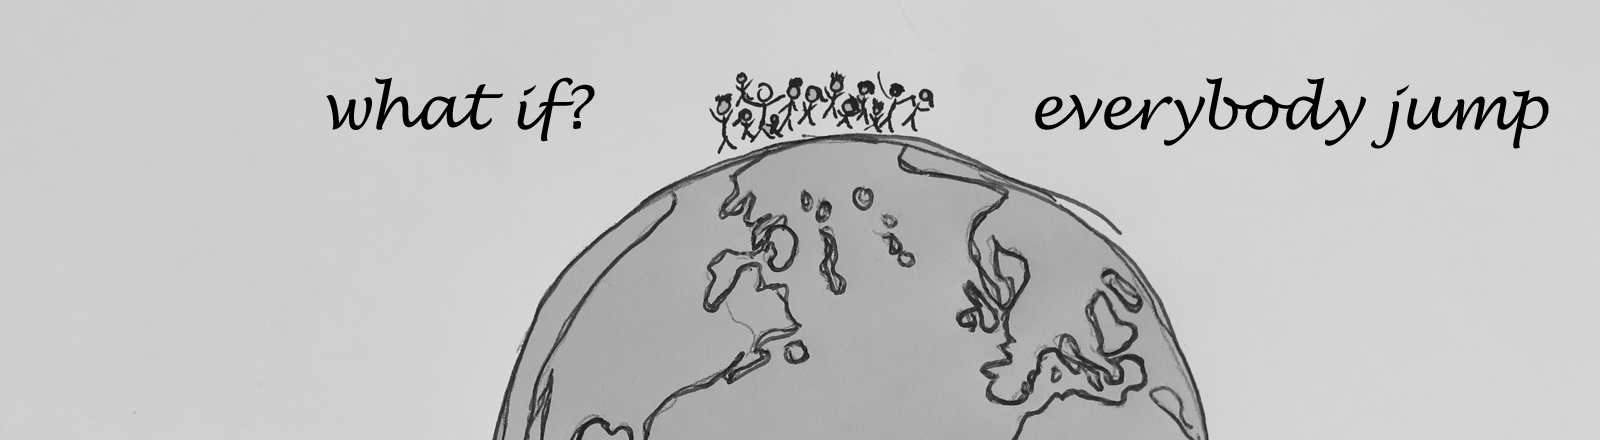 Was, wenn alle Menschen auf der Welt sich an einem Ort versammeln und gleichzeitig in die Luft springen?